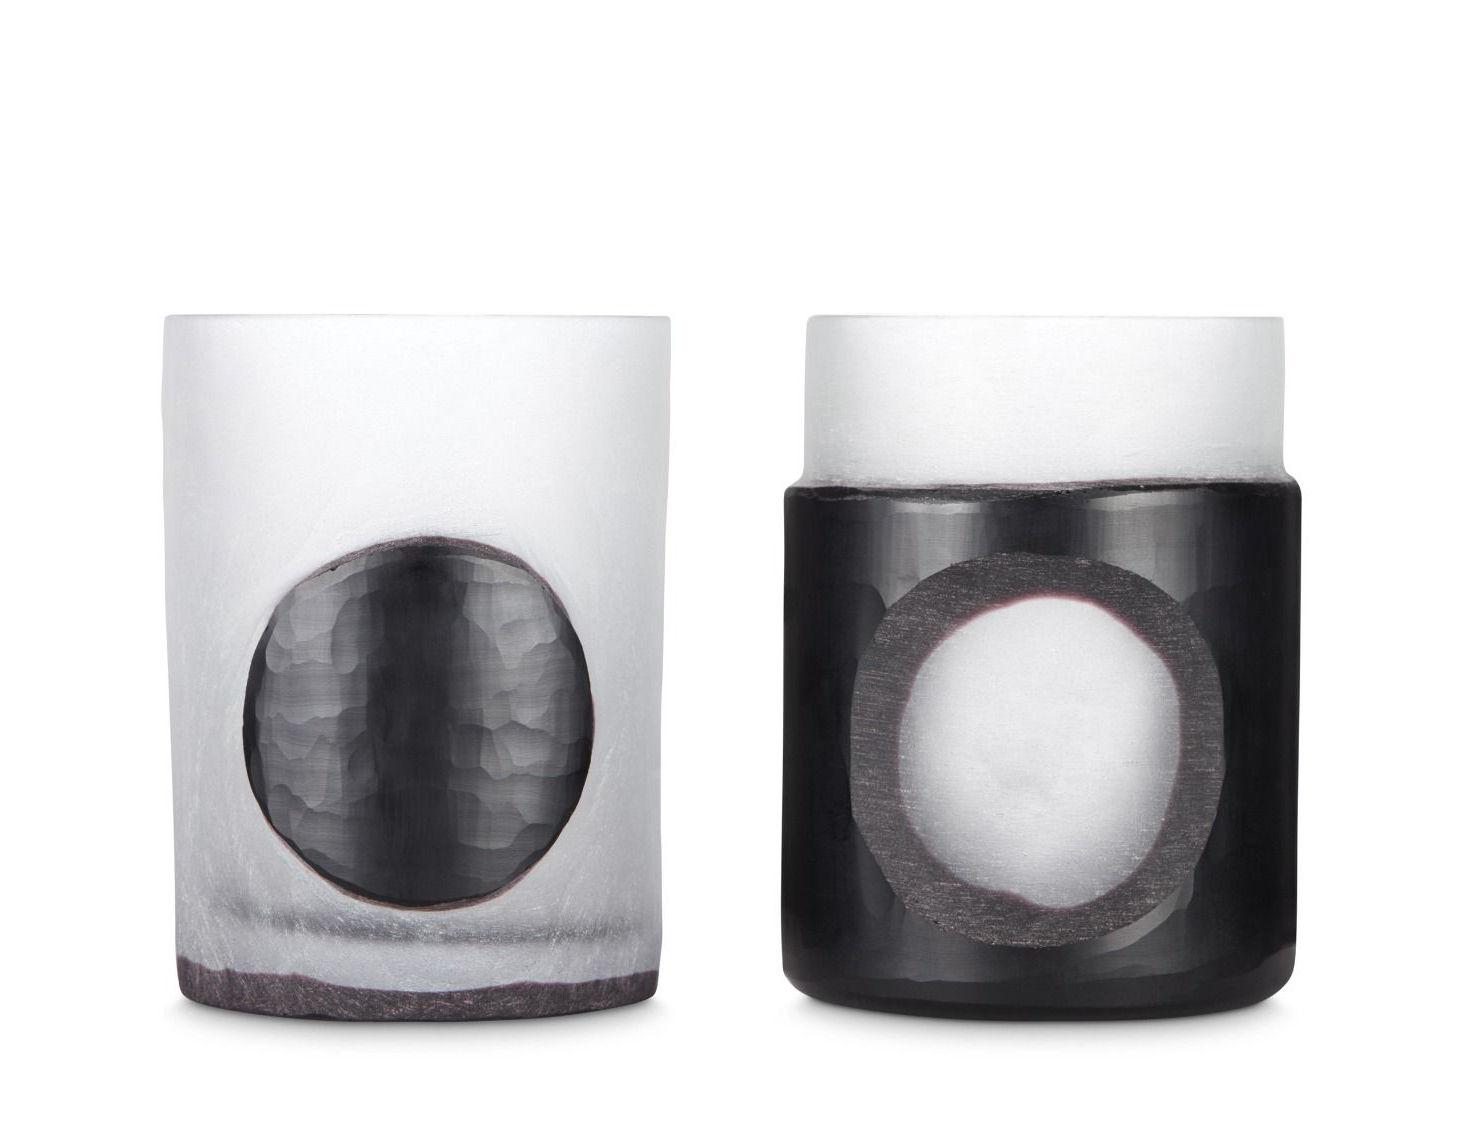 Déco - Bougeoirs, photophores - Photophore Carved Small / Set de 2 - Tom Dixon - Noir - Verre soufflé bouche